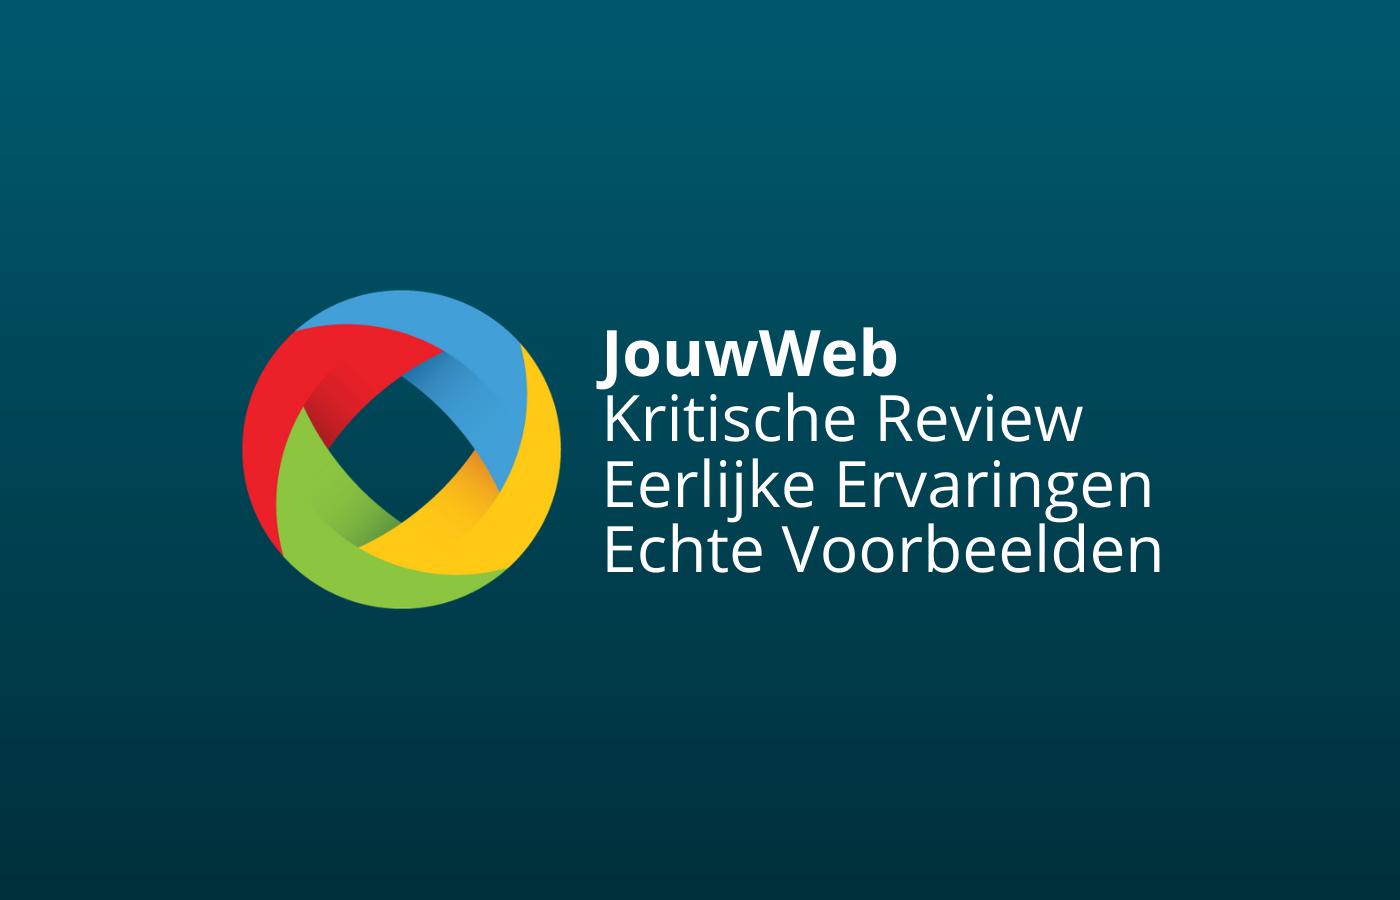 jouwweb review en ervaringen